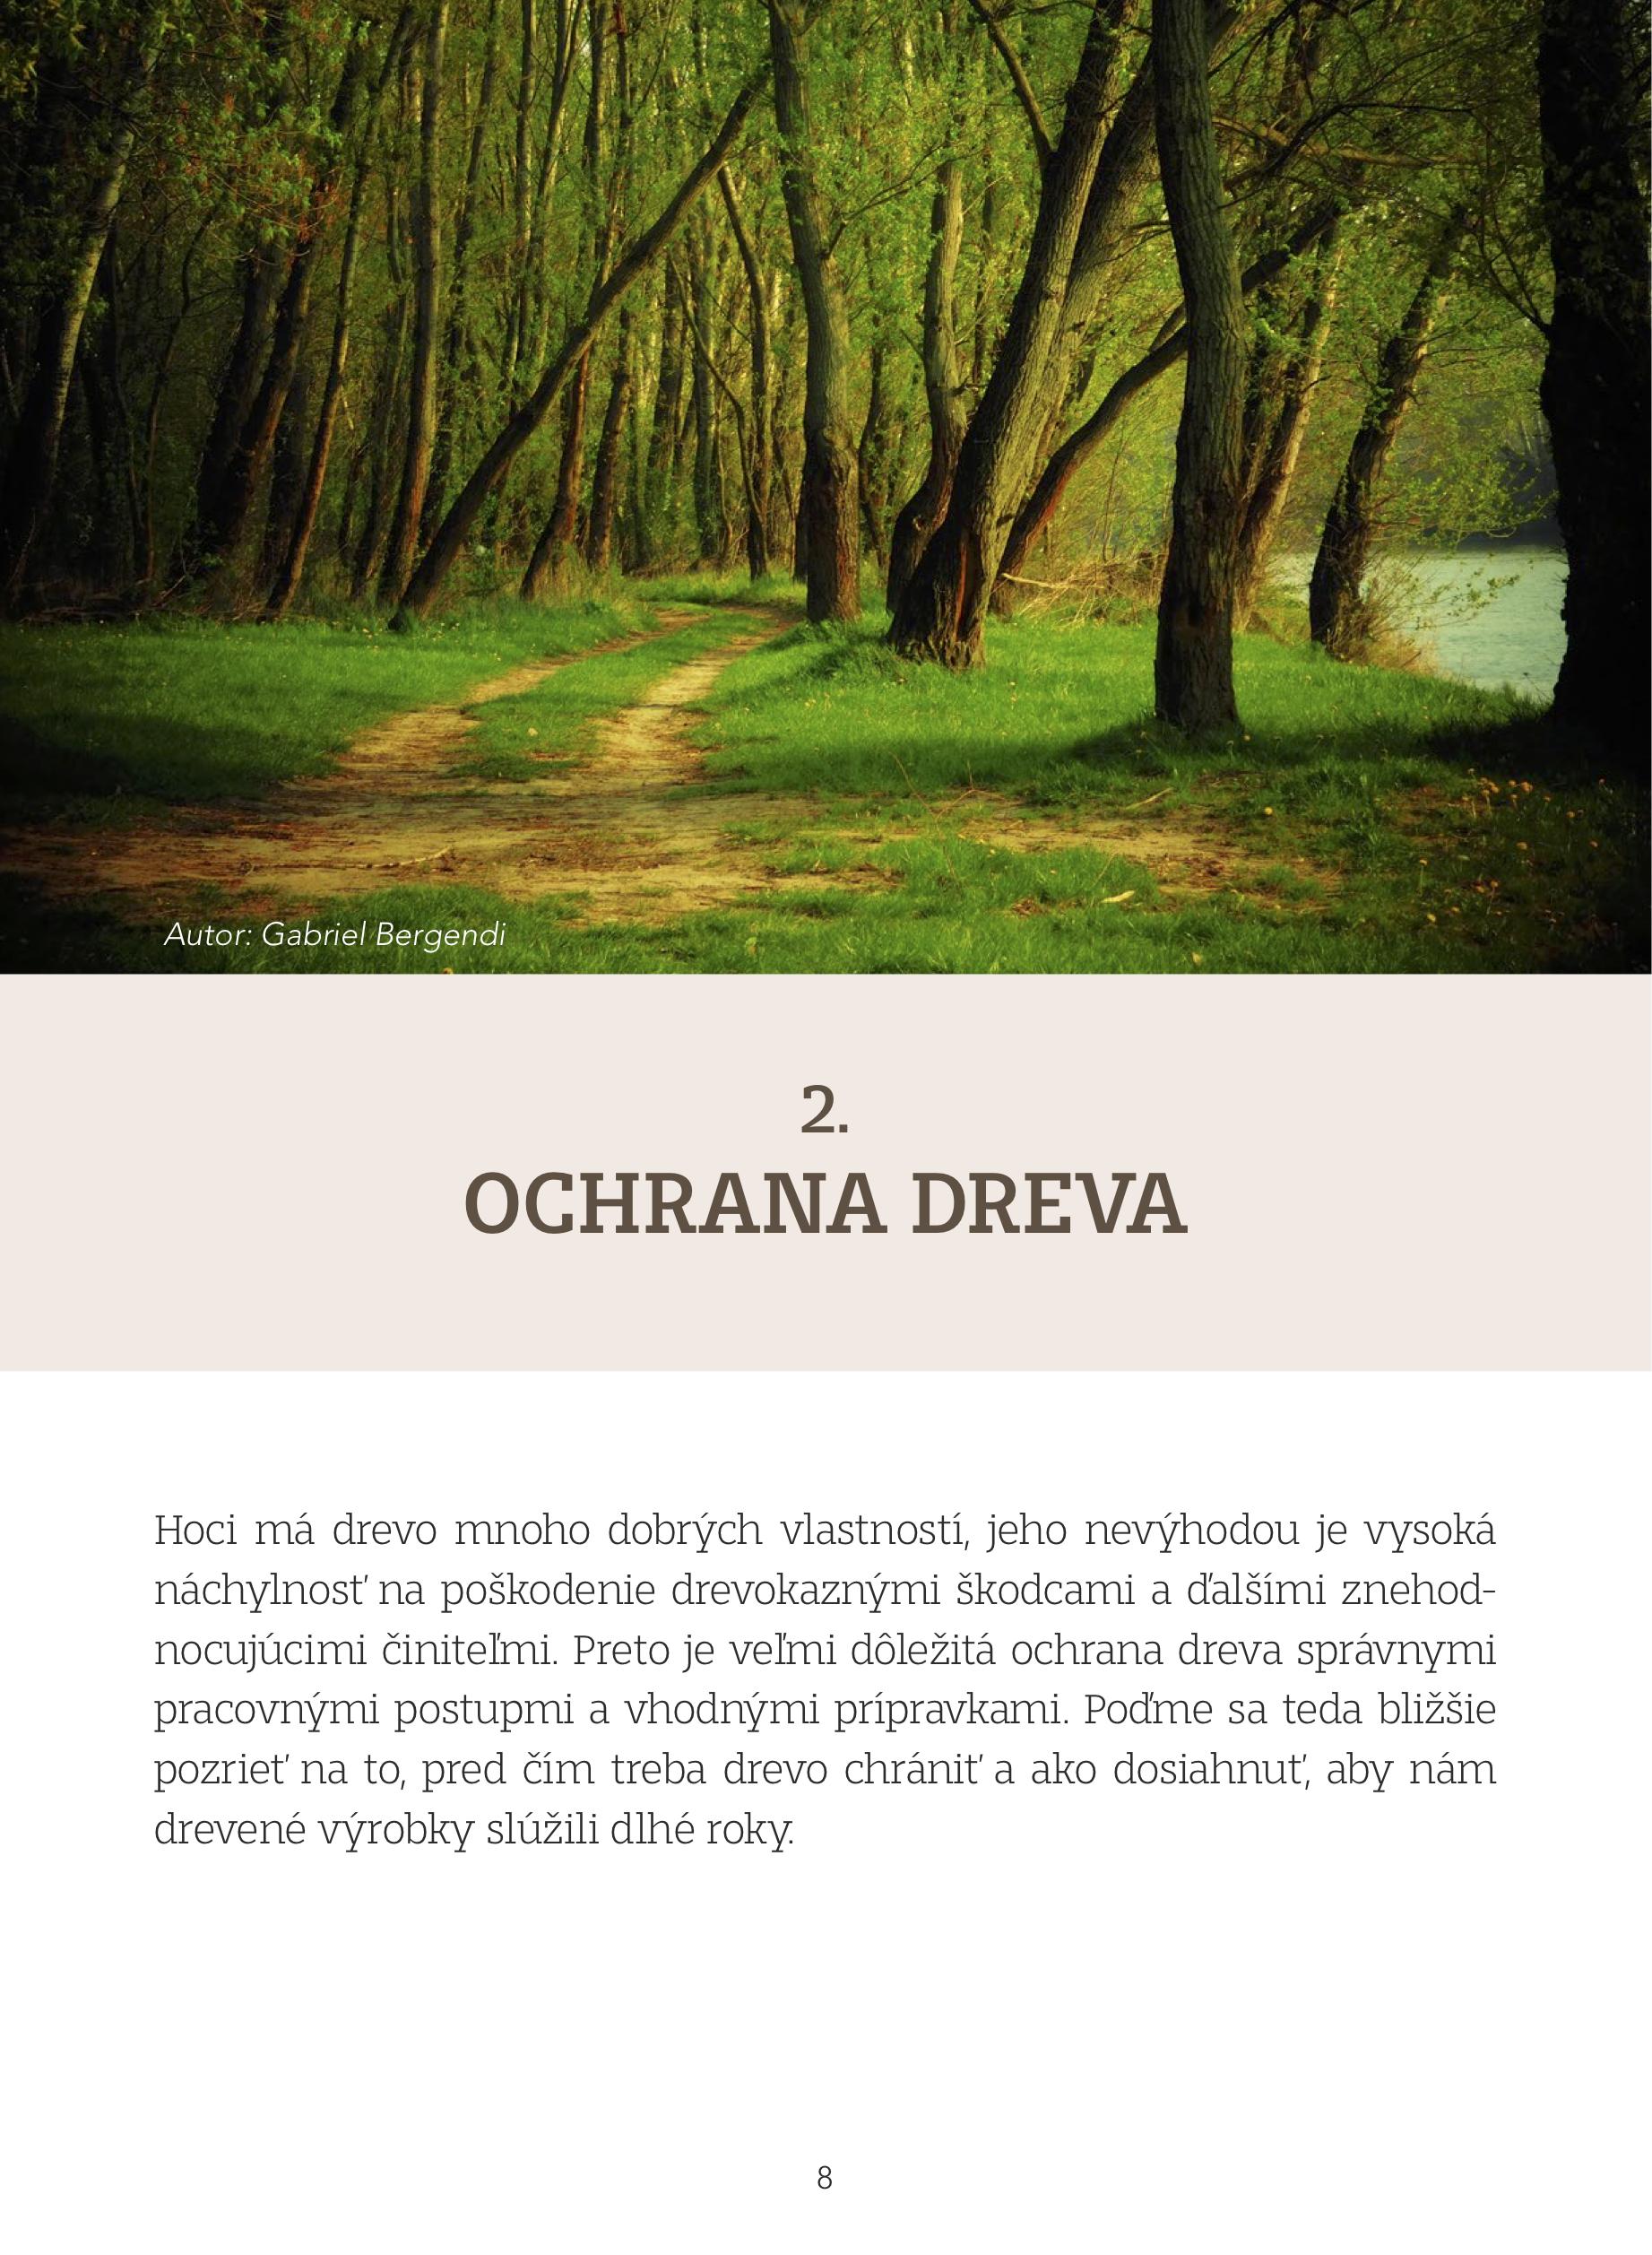 nahlad-ebooku-ochrana-dreva